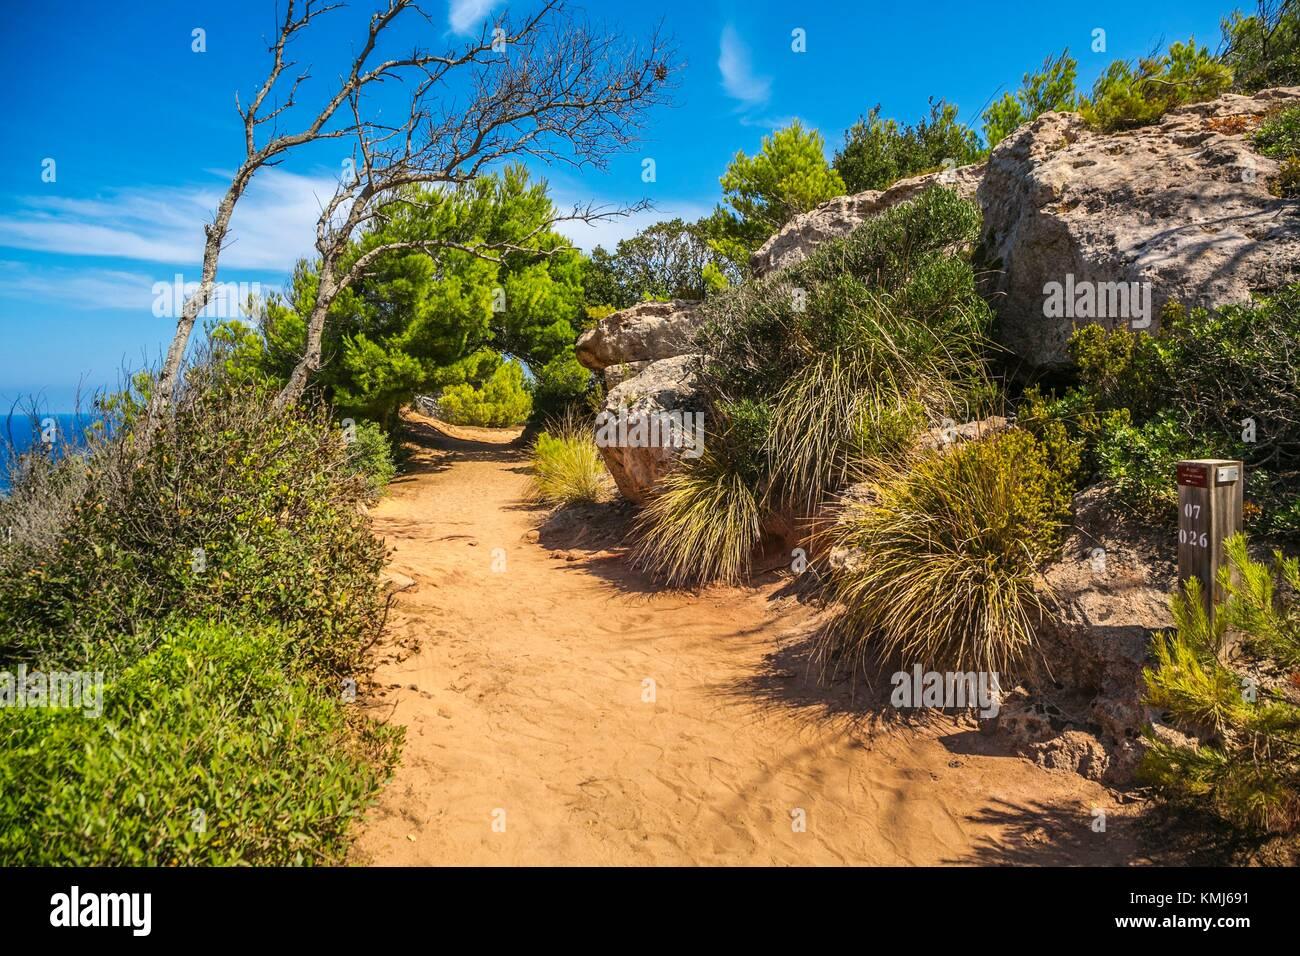 Cami de Cavalls weg. Weg zur Cala Pilar Beach. Ciutadella de Menorca Gemeinde. Menorca. Balearen. Spanien Stockbild